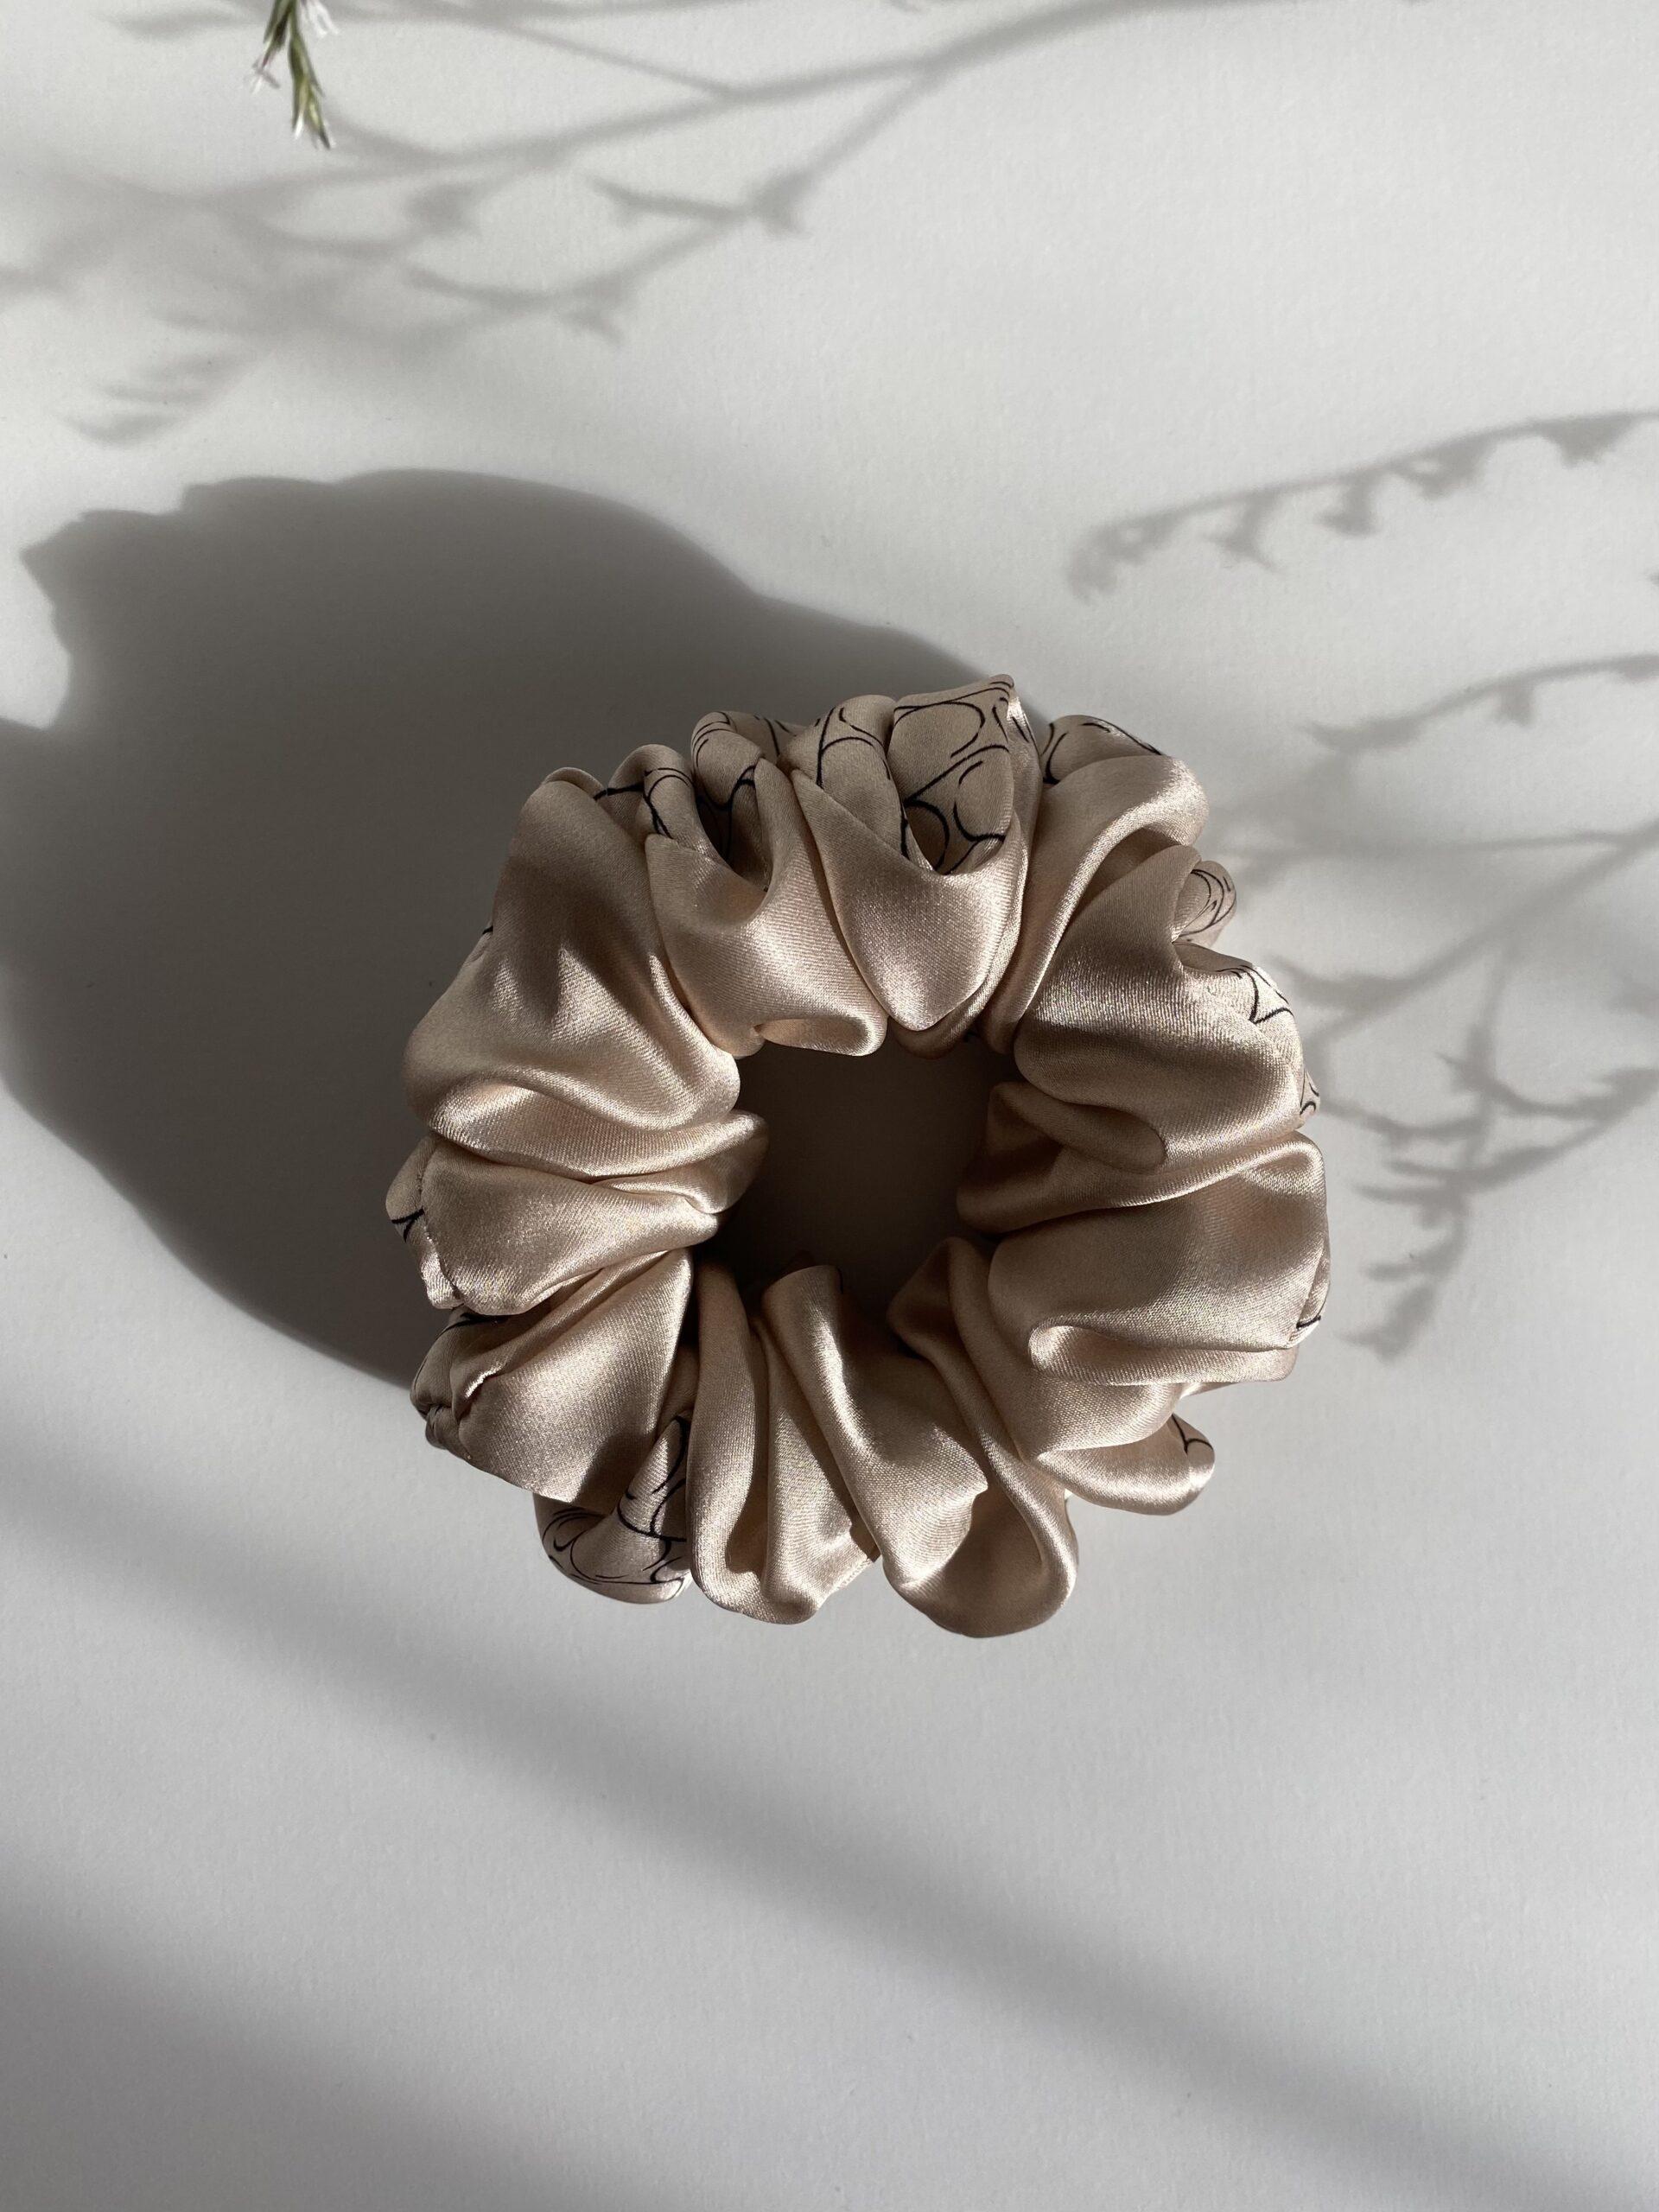 Jedwabna gumka do włosów Sine Silk CREAM - Sine Silk | JestemSlow.pl